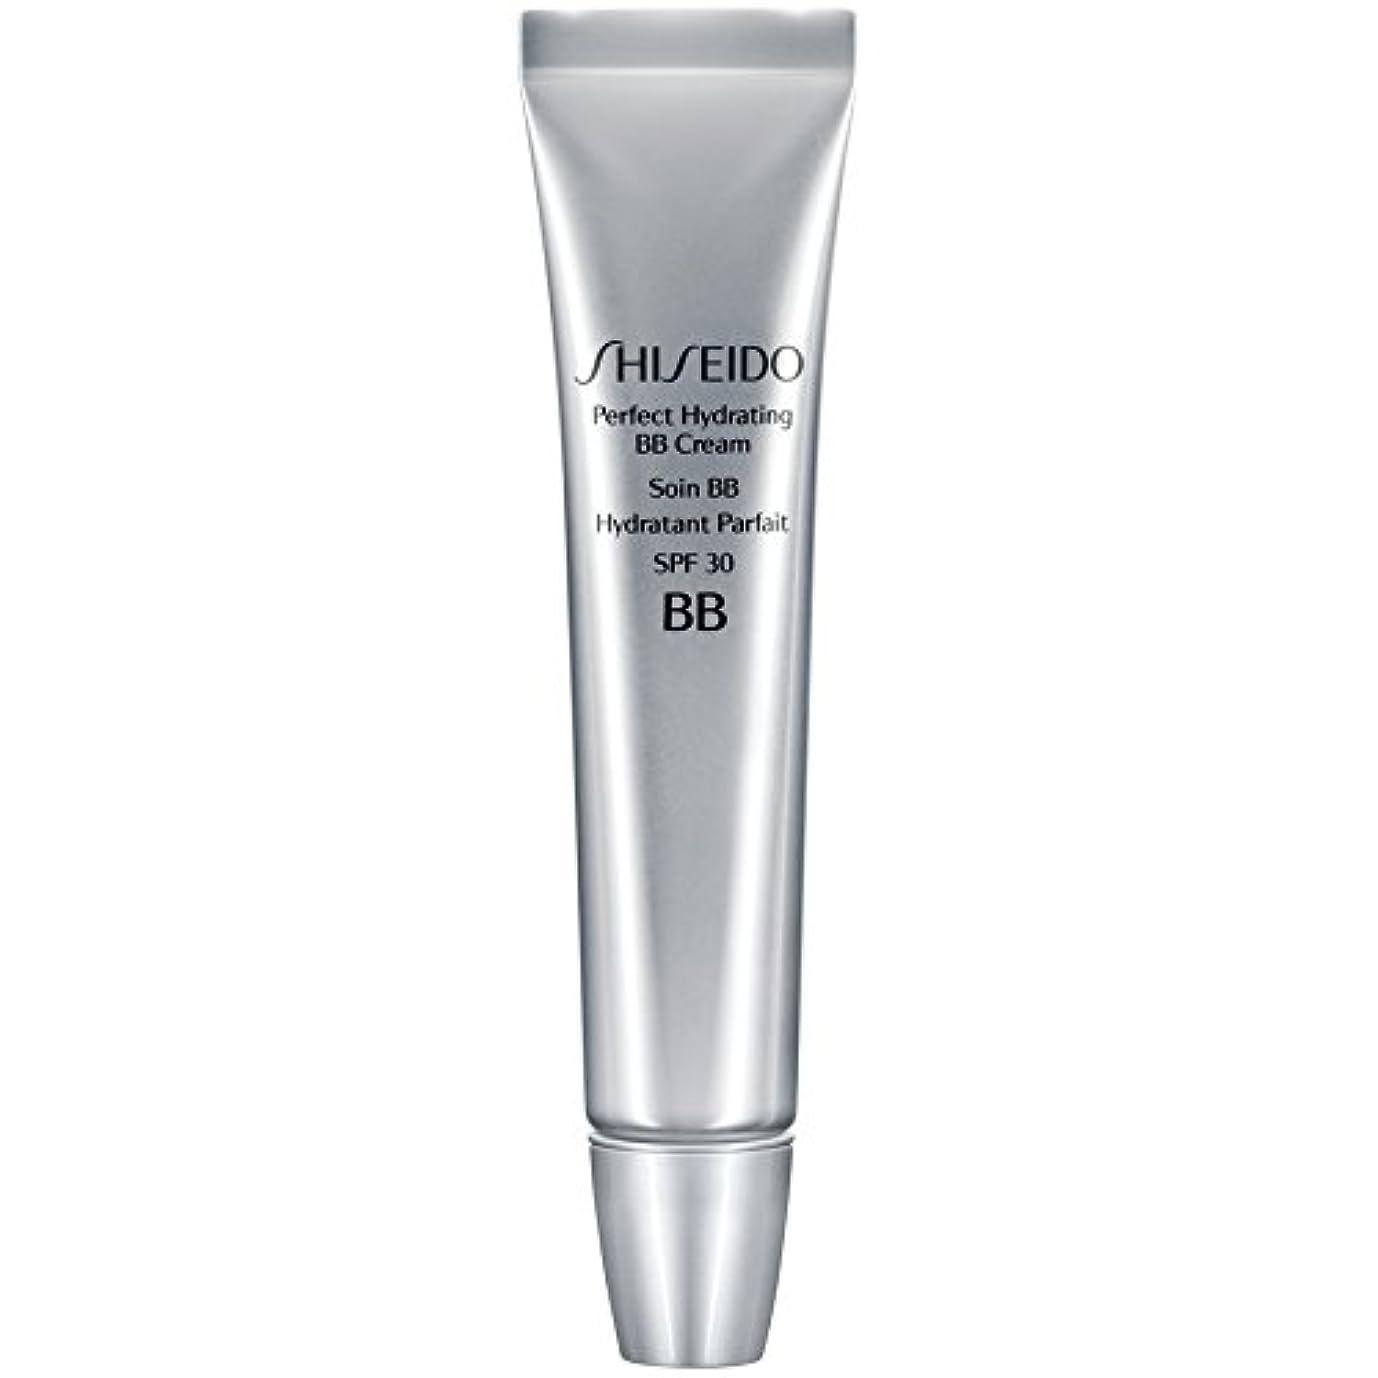 甲虫だらしない明日[Shiseido ] 資生堂完璧な水和BbクリームSpf 30 30ミリリットル媒体 - Shiseido Perfect Hydrating BB Cream SPF 30 30ml Medium [並行輸入品]